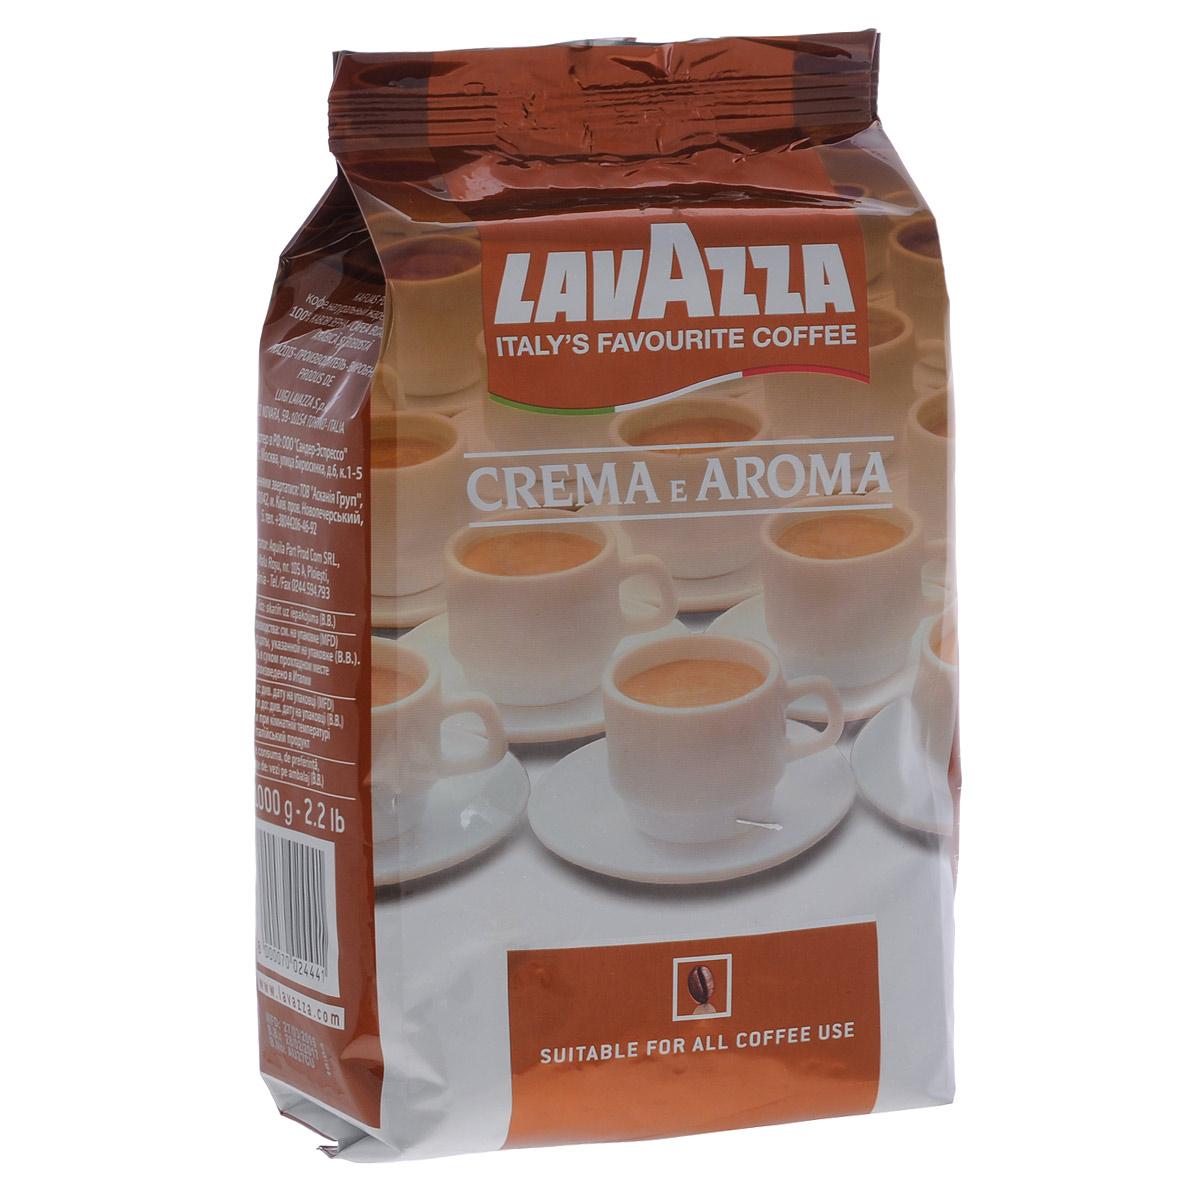 Lavazza Crema e Aroma кофе в зернах, 1 кг2444Интенсивный и насыщенный вкус характеризует кофе Lavazza Crema e Aroma в зернах, представляющий собой идеальный баланс тщательно отобранных бобов. Медленная, длительная обжарка смеси Lavazza Crema e Aroma, состоящая на 80% арабики и 20 % робусты, раскрывает полноту тела и насыщенный аромат. При приготовлении этого кофе в зернах вы увидите плотную пенку, ощутите приятный вкус и аромат который может дать только кофе Lavazza!